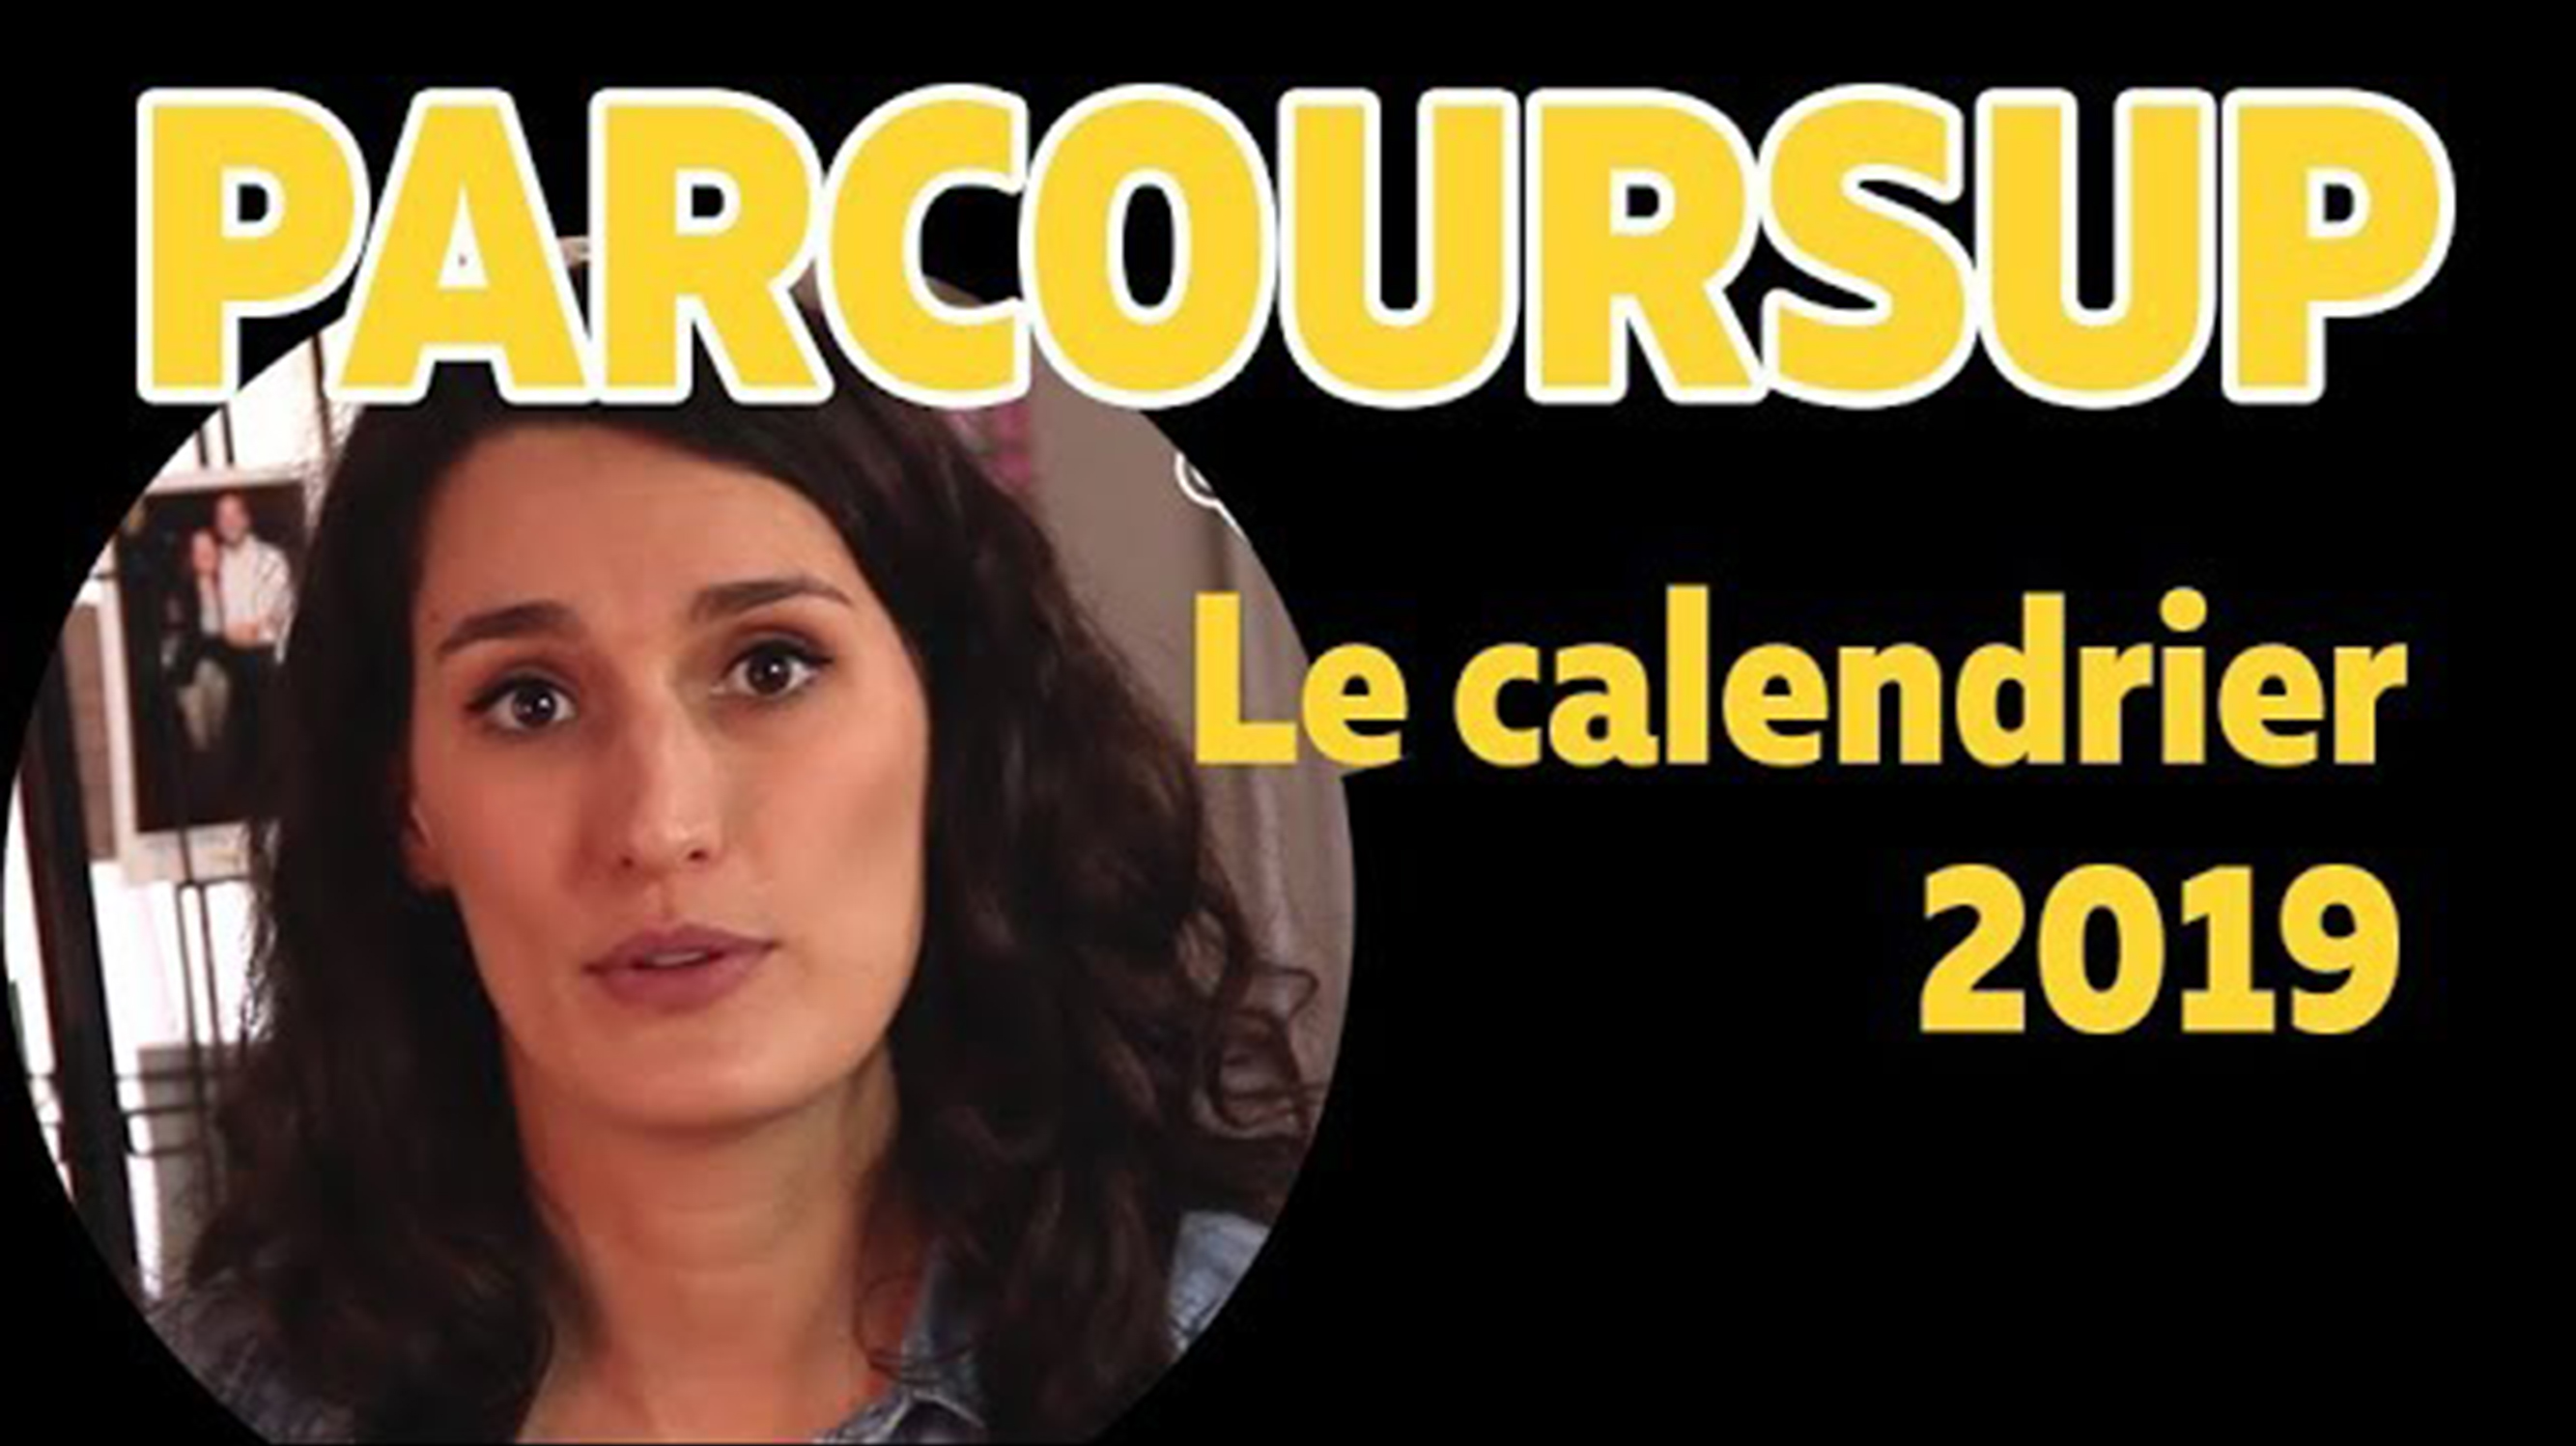 Parcoursup, Le calendrier 2019